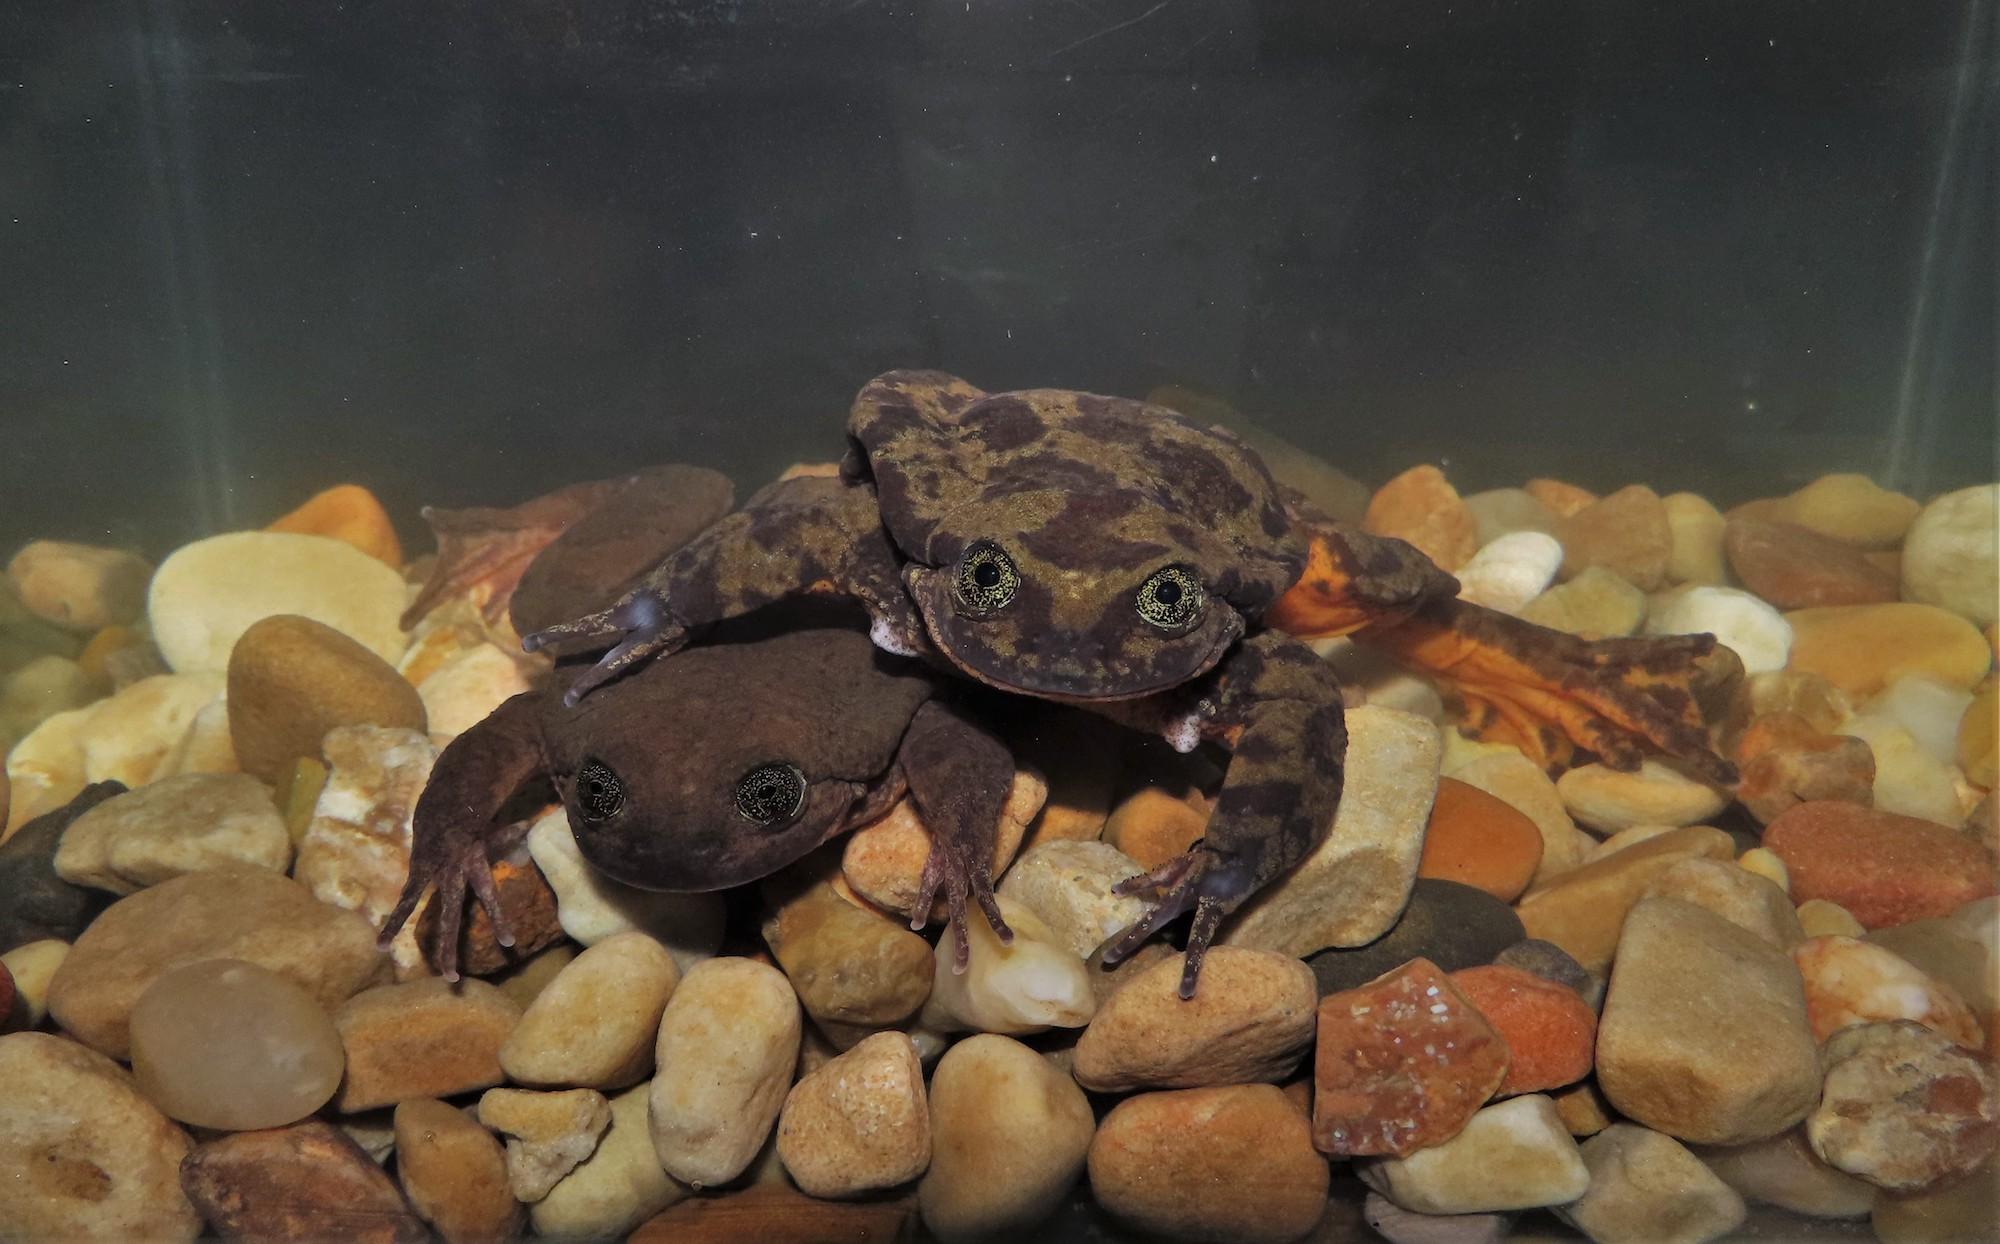 La pareja de ranas tuvo su primer encuentro en el acuario de Romeo. Foto: Sophia Barron.